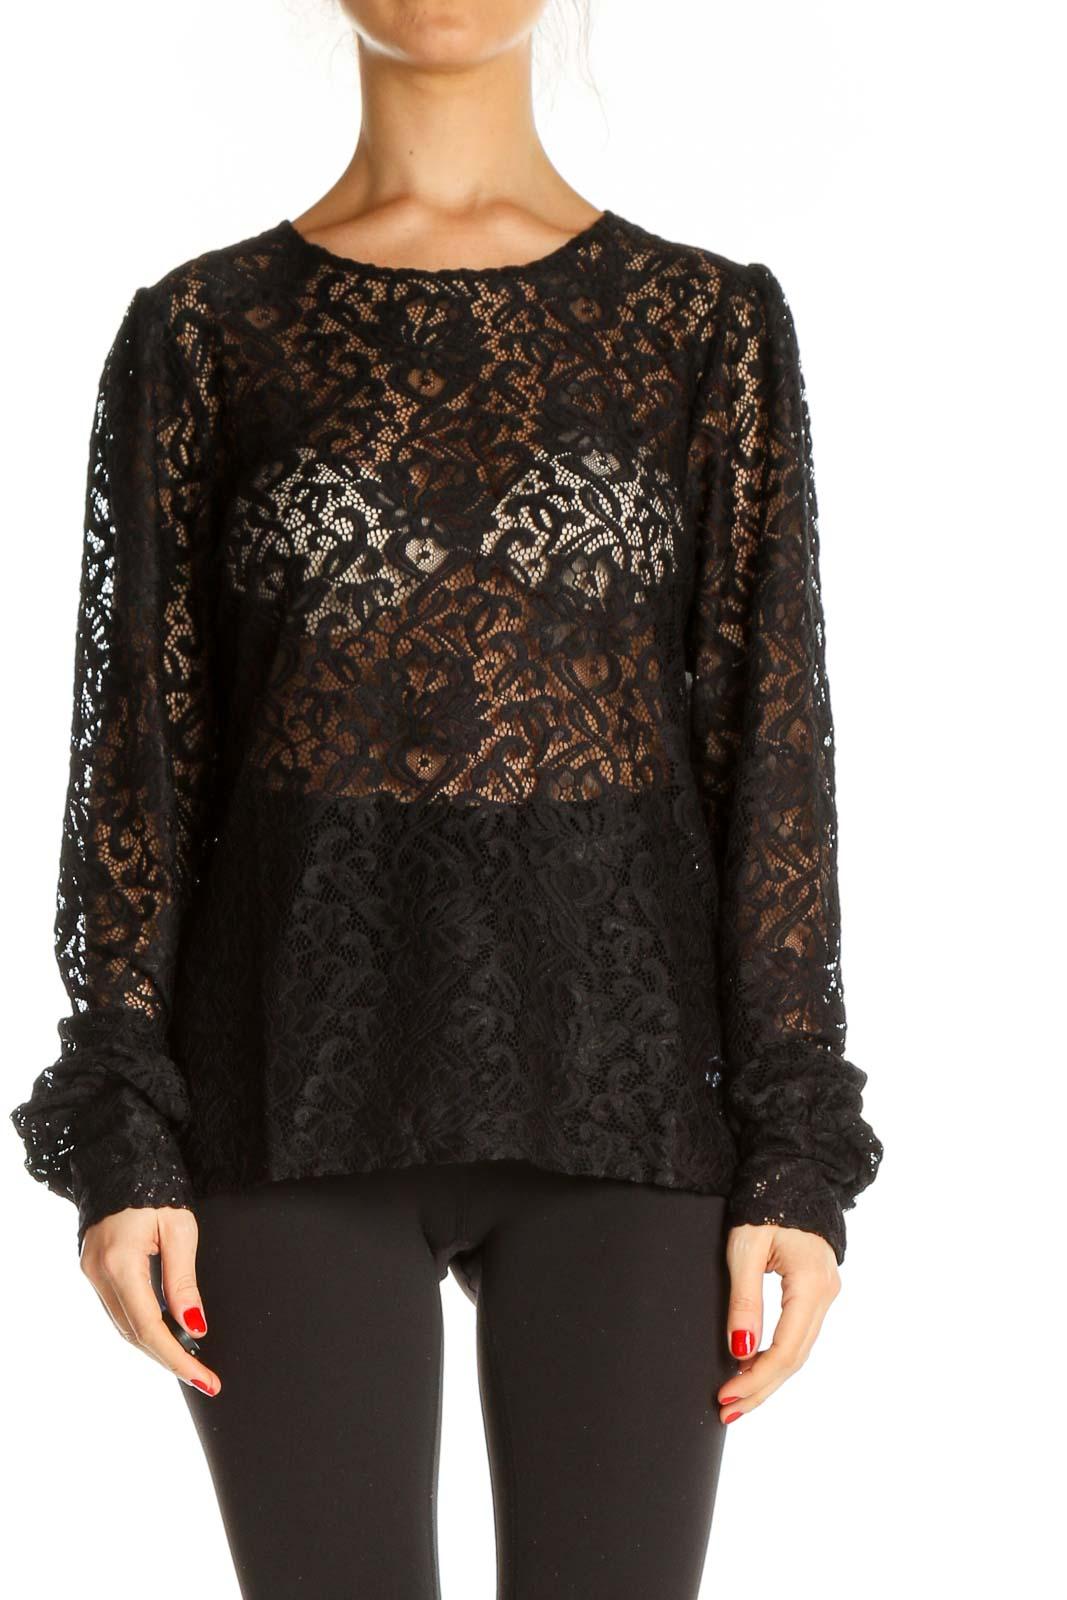 Black Lace Retro Blouse Front